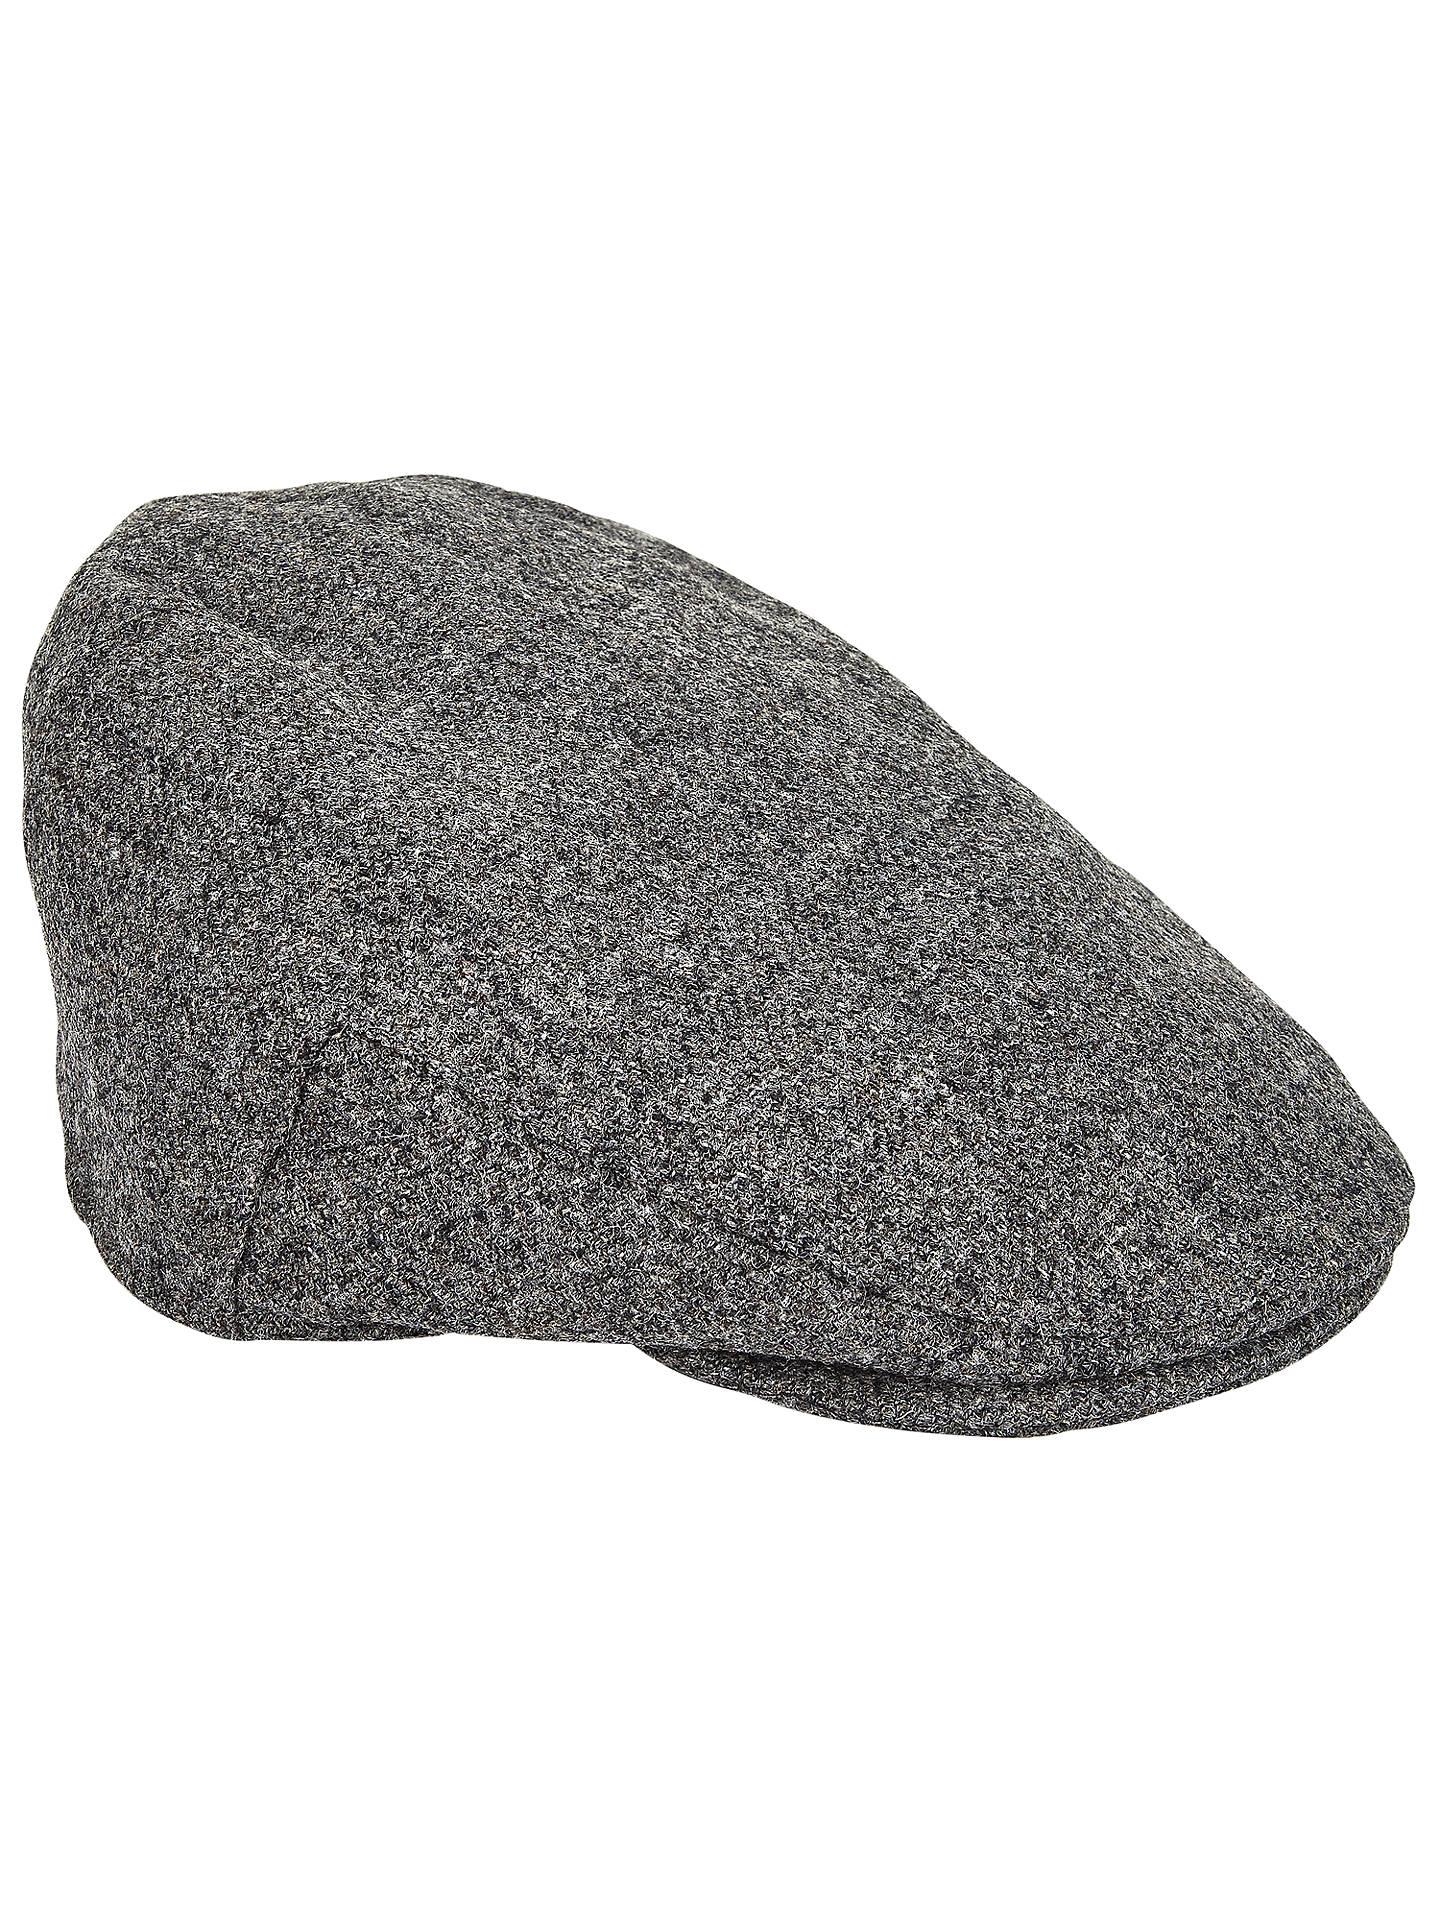 be384a398fd7c Christys  Balmoral Tweed Flat Cap